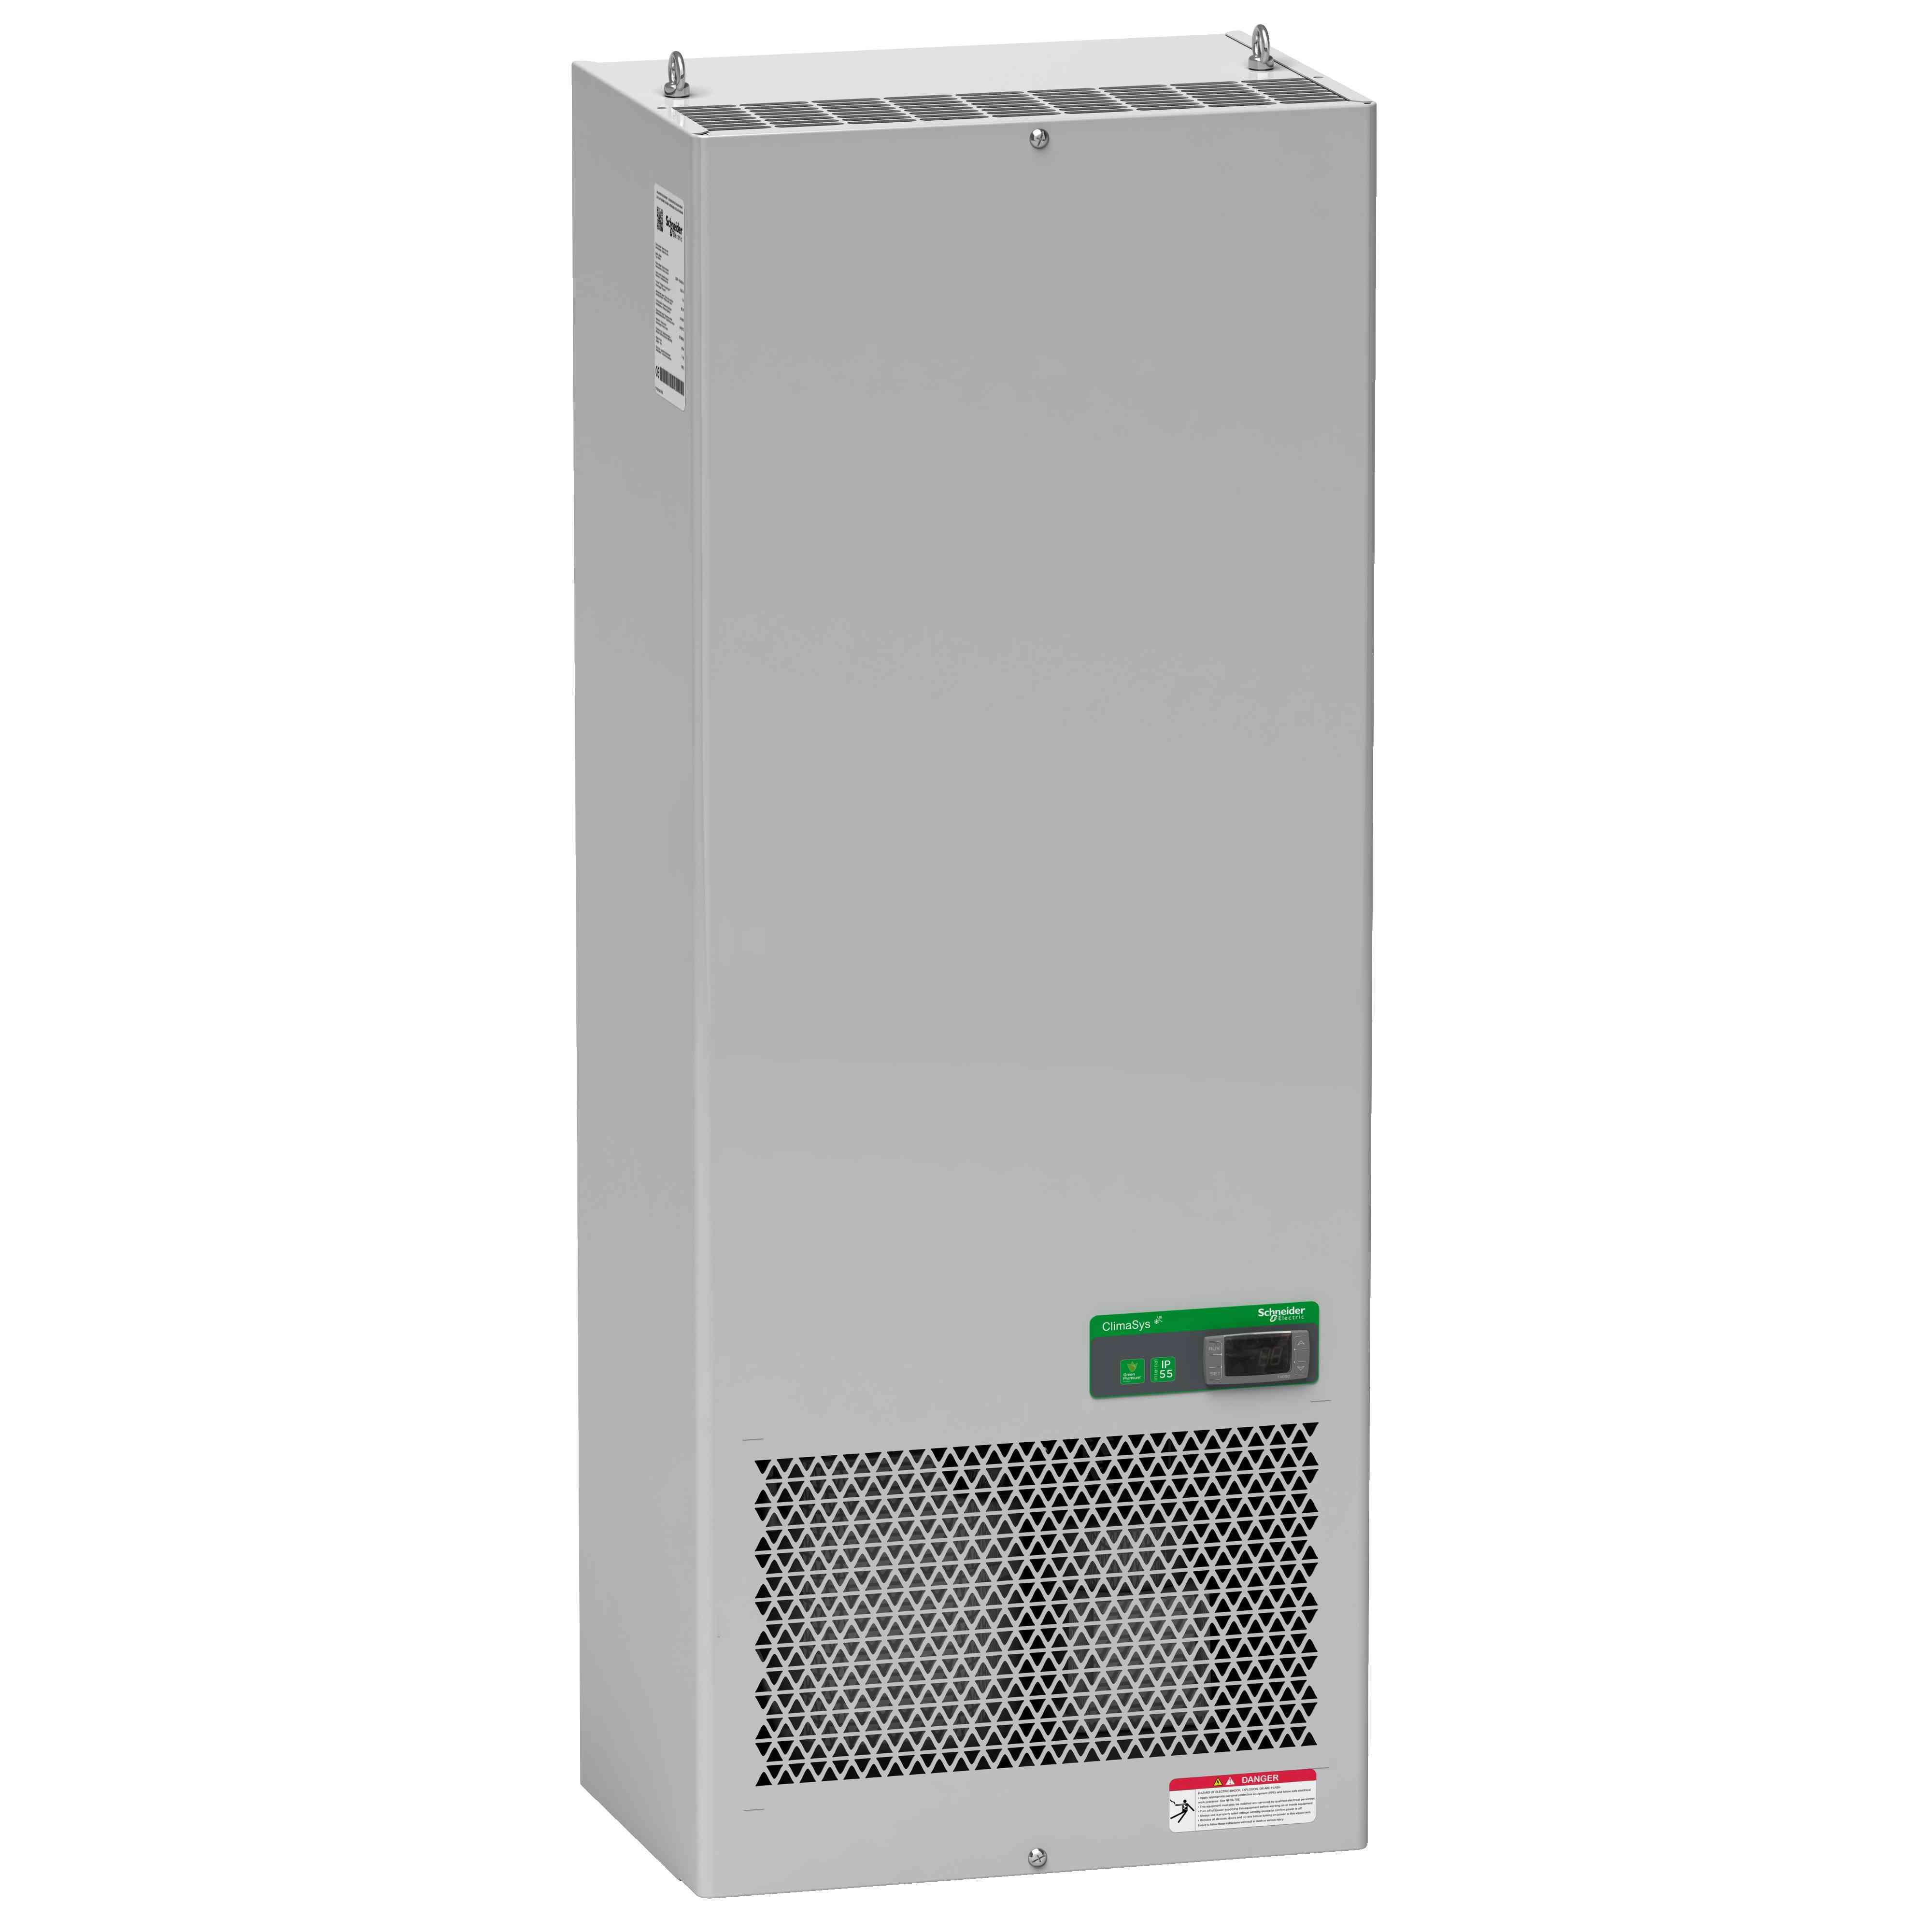 Standardna hladilna enota ClimaSys ob strani omare - 3850 W pri 400 V